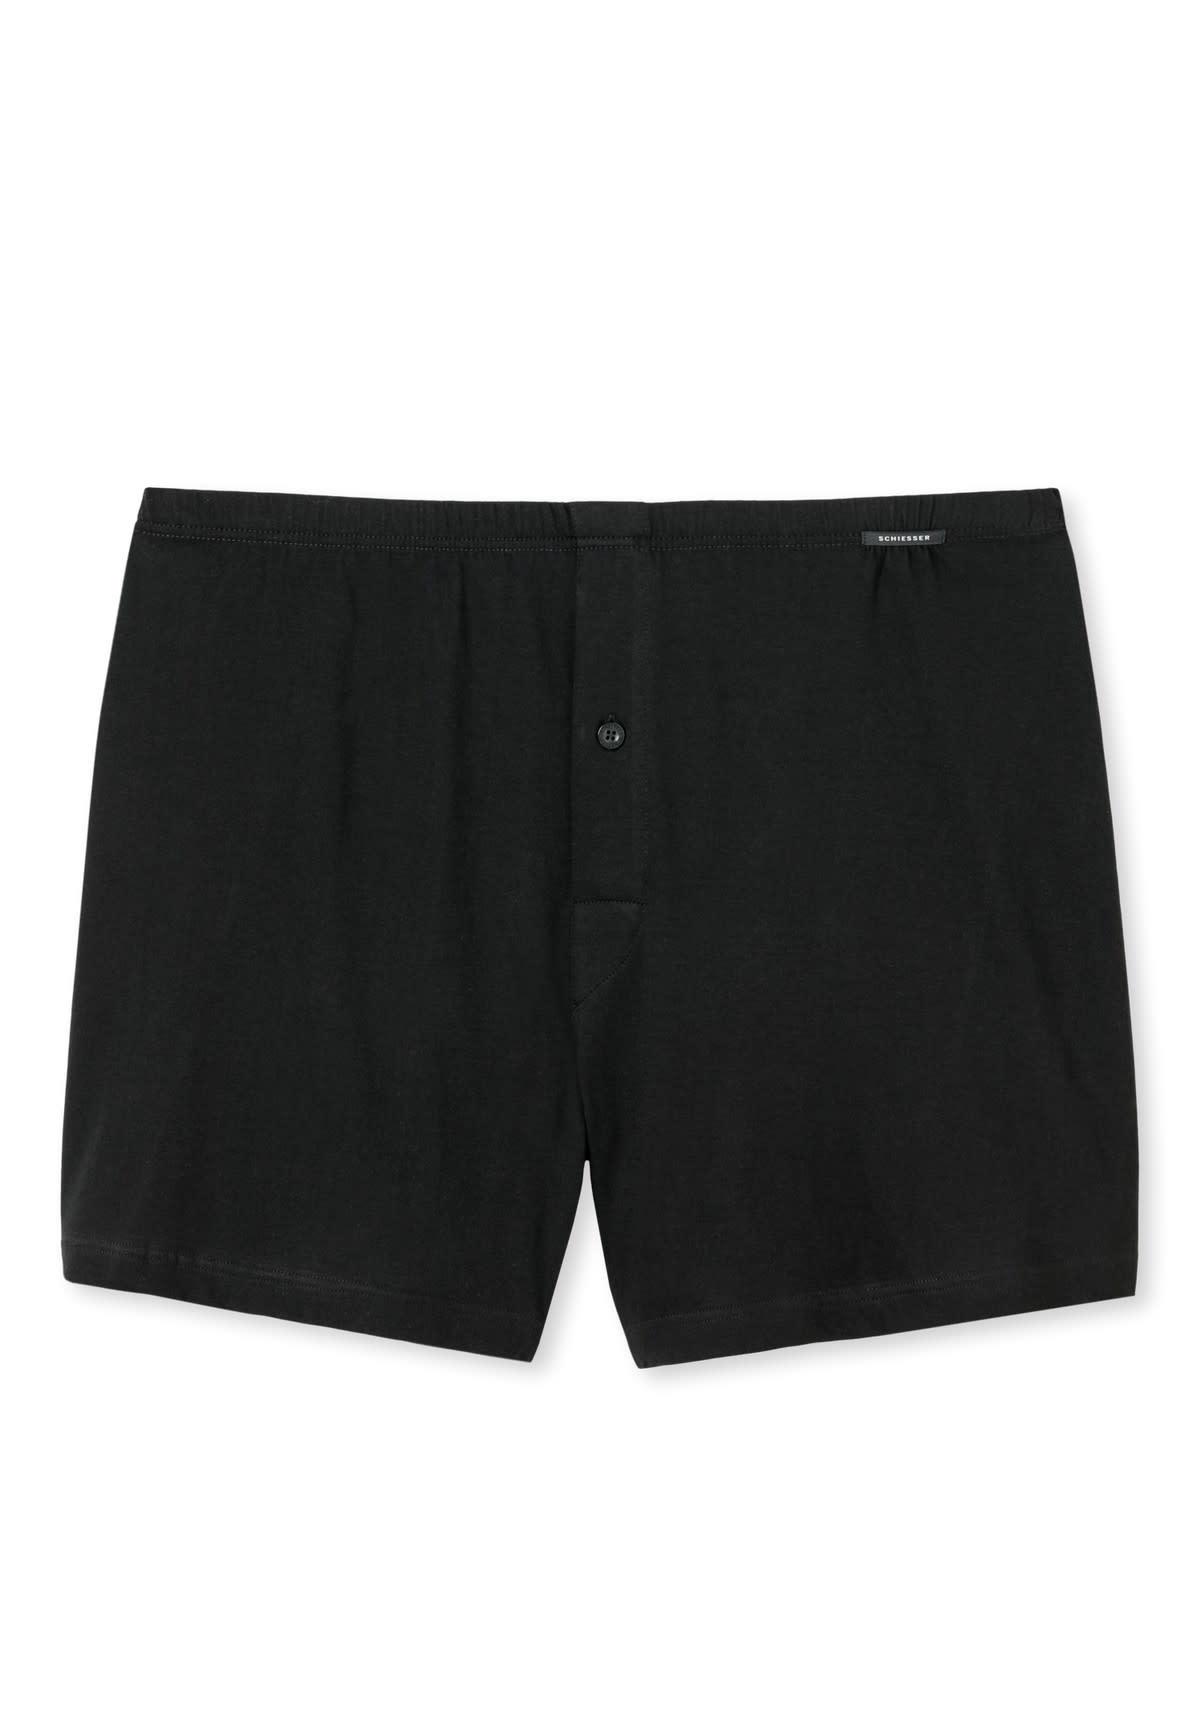 Boxershort zwart - 110291-3